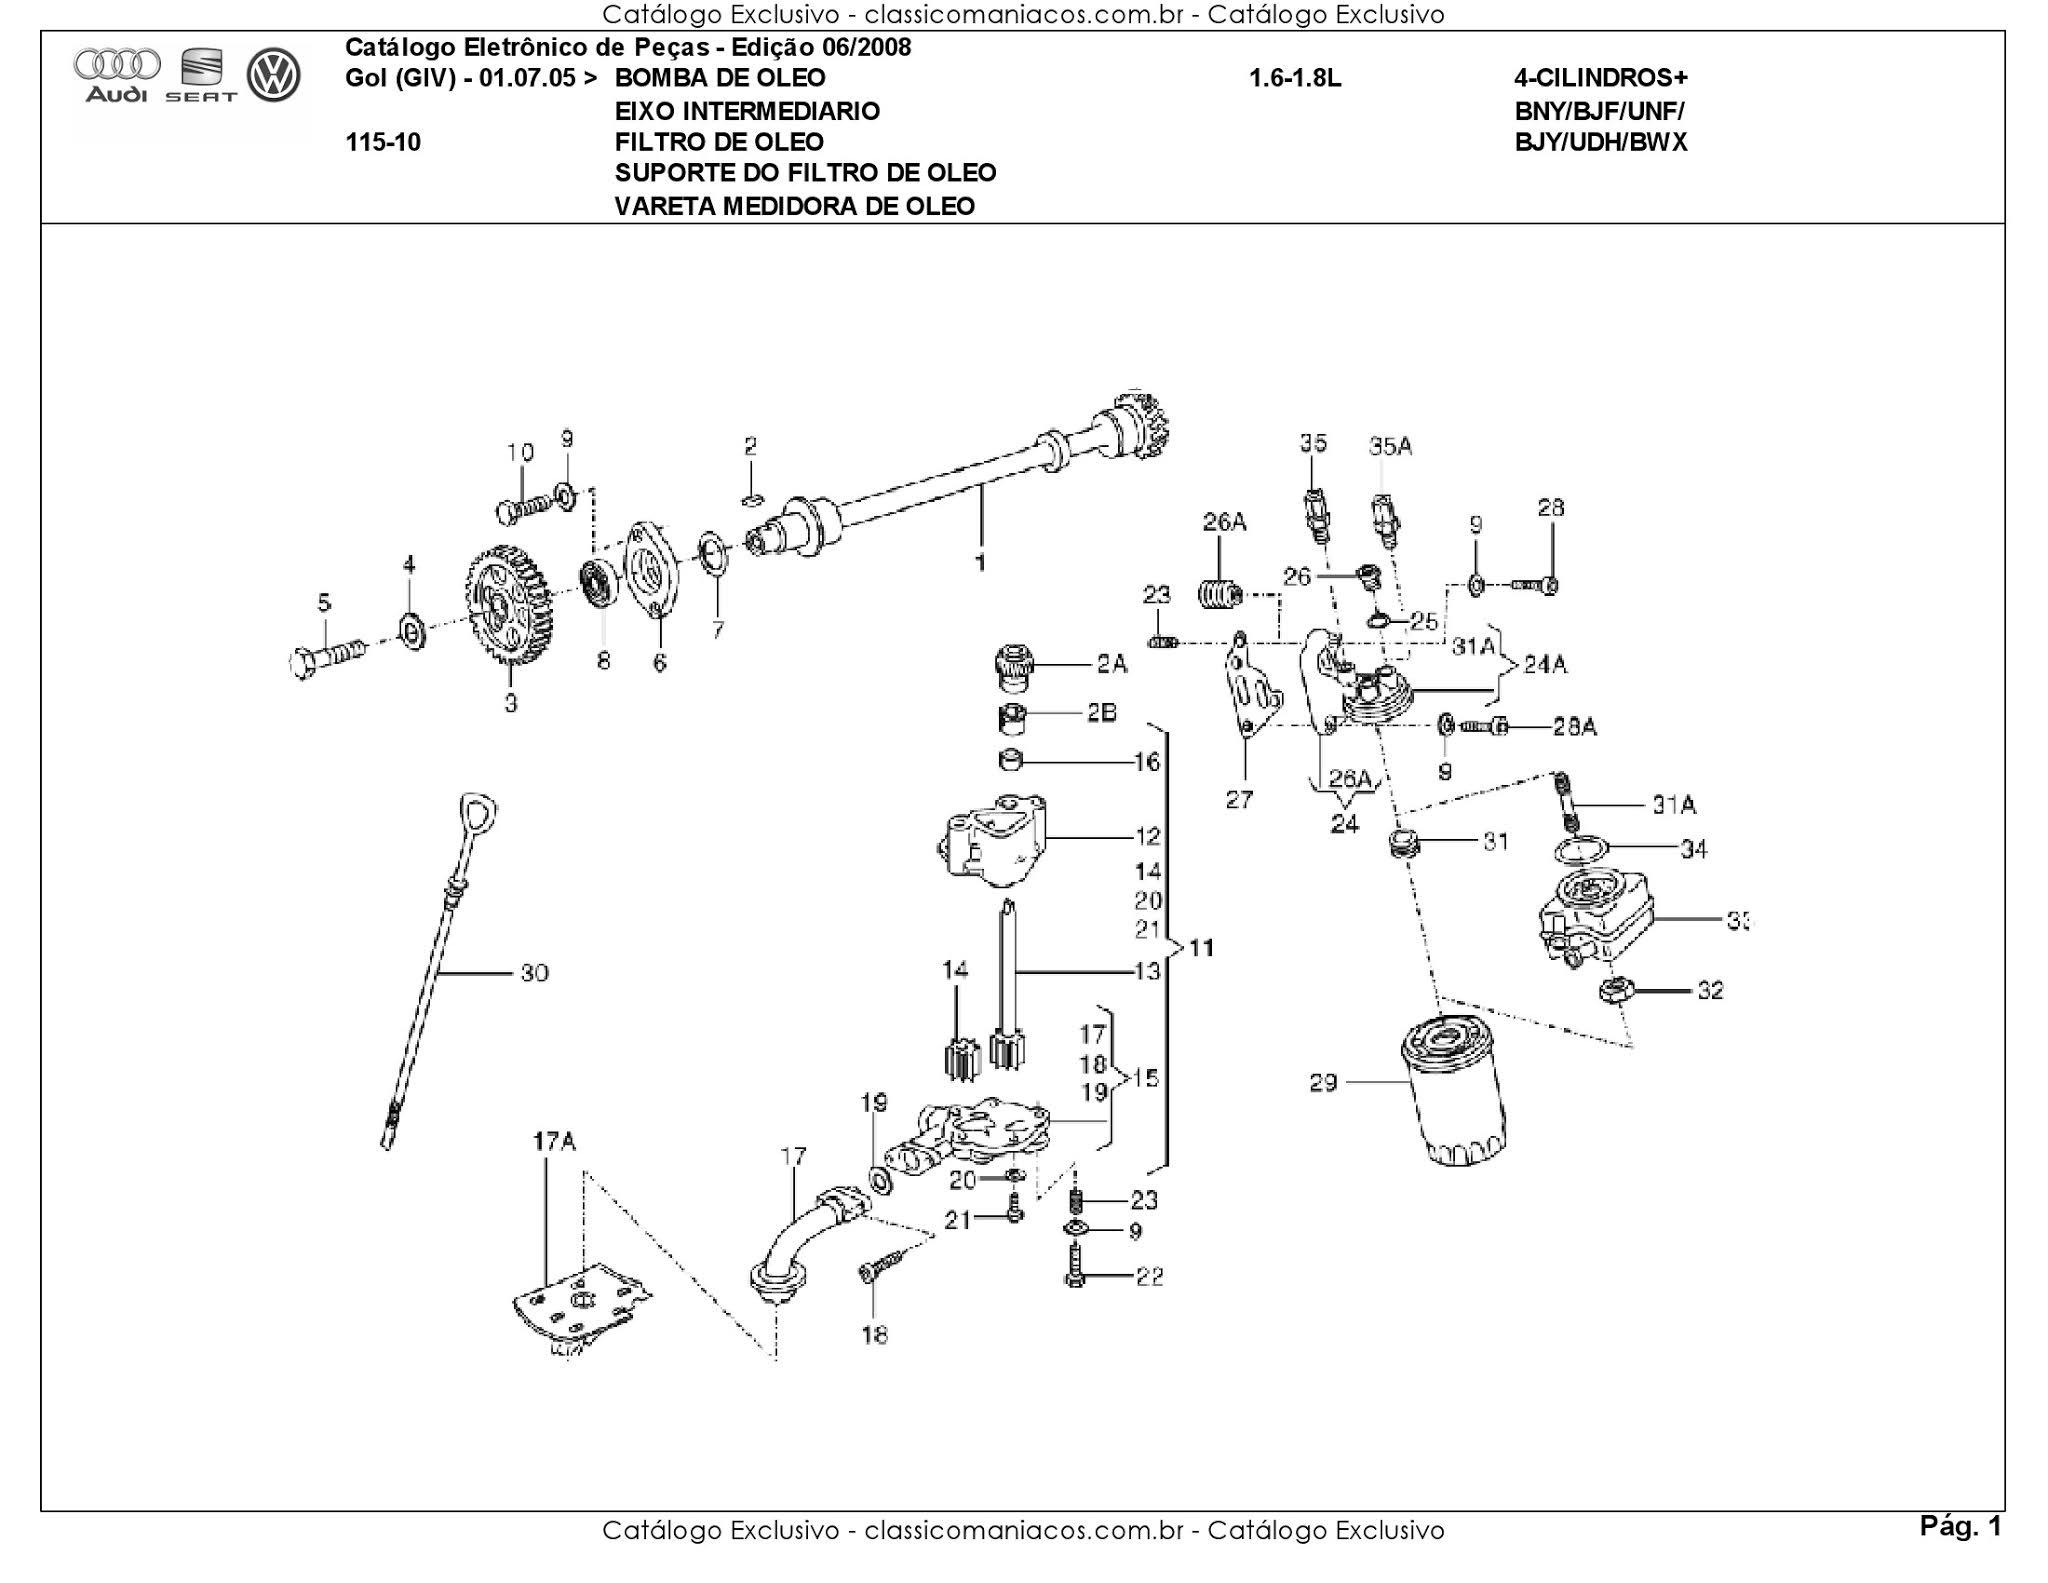 MANUAIS DO PROPRIETÁRIO GRÁTIS: CATÁLOGO DE PEÇAS DO VW